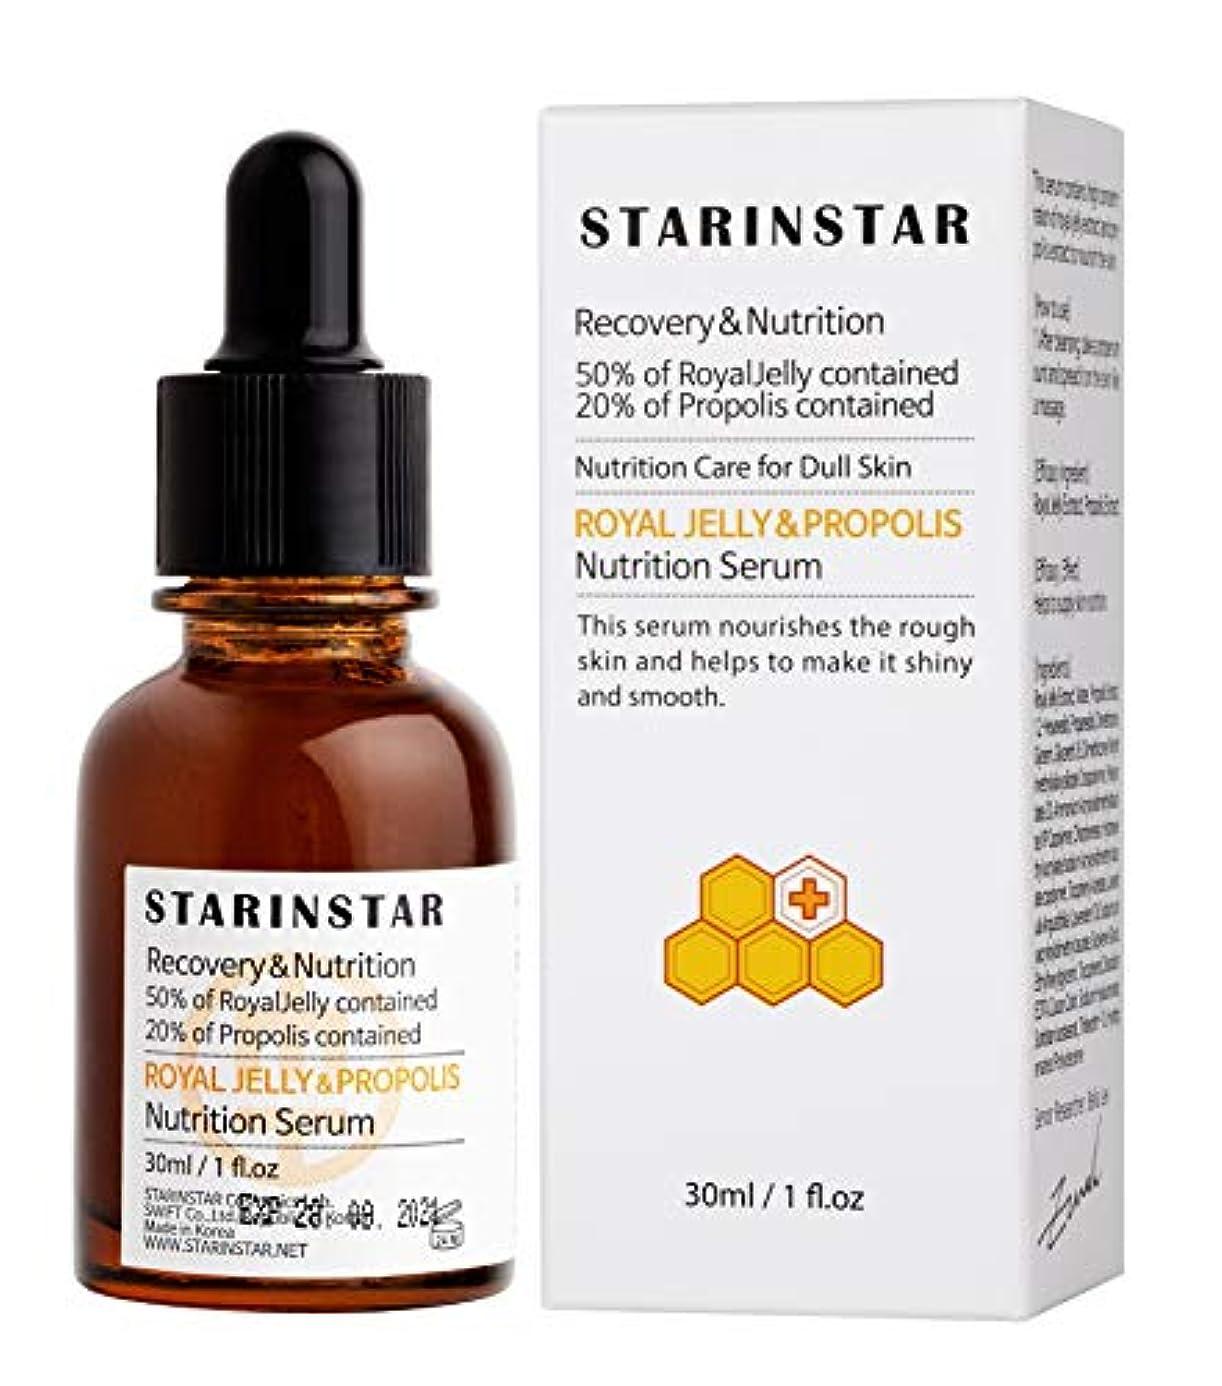 アカウント受け入れた悩む[STARINSTAR] ロイヤルゼリー&プロポリス栄養セラム、リカバリー、栄養ケア用ラフスキン、ロイヤルゼリーの50%、プロポリス20%、30ml / 1 fl.oz